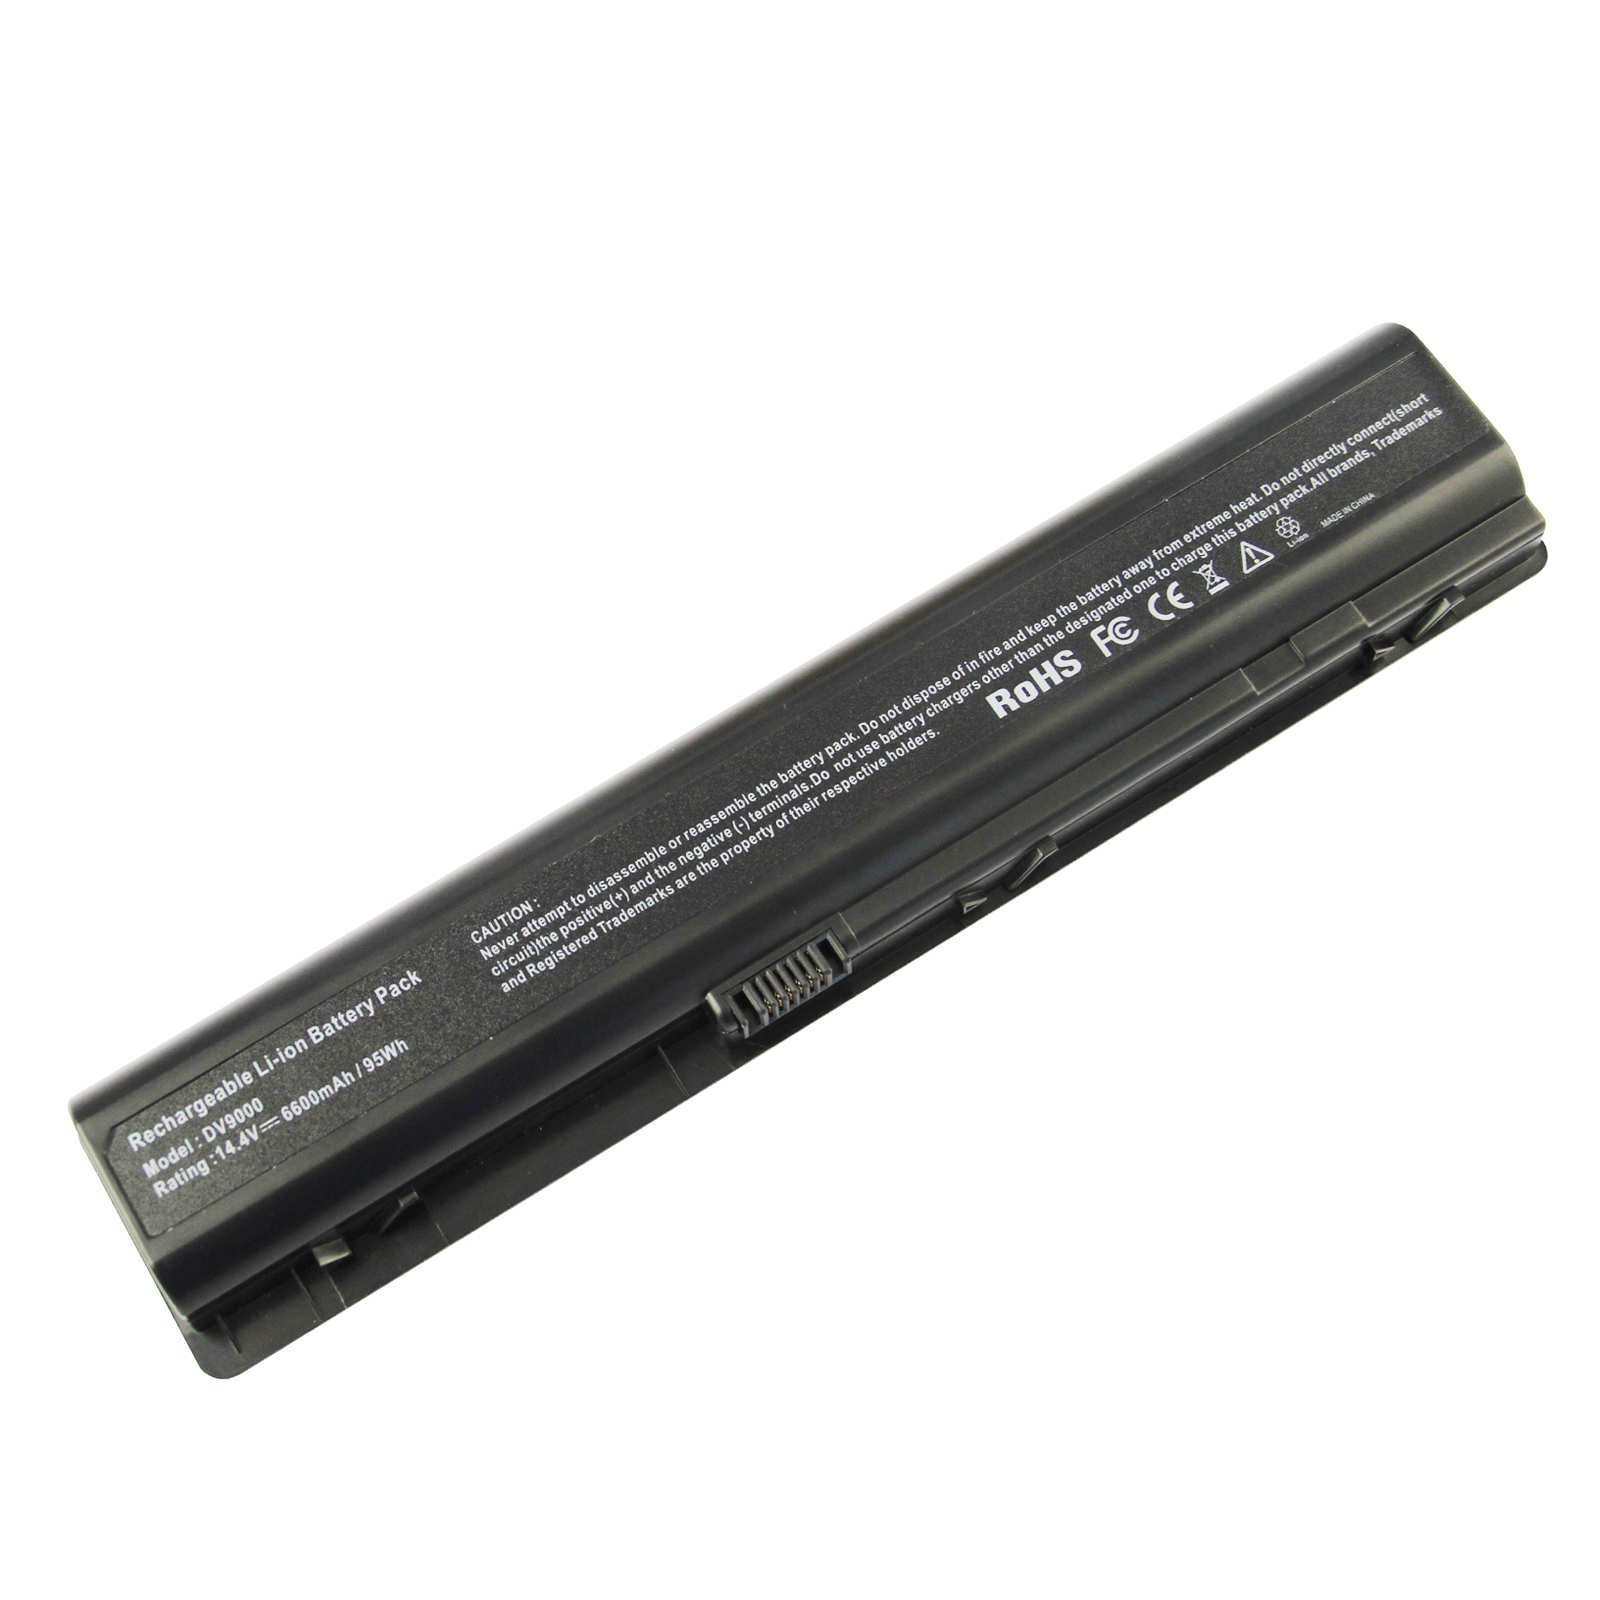 Bateria 12 Celdas para HP Pavilion DV9000 DV9500 DV9700 Series para P/N 448007-001 432974-001 434674-001 EX942AA EV087AA